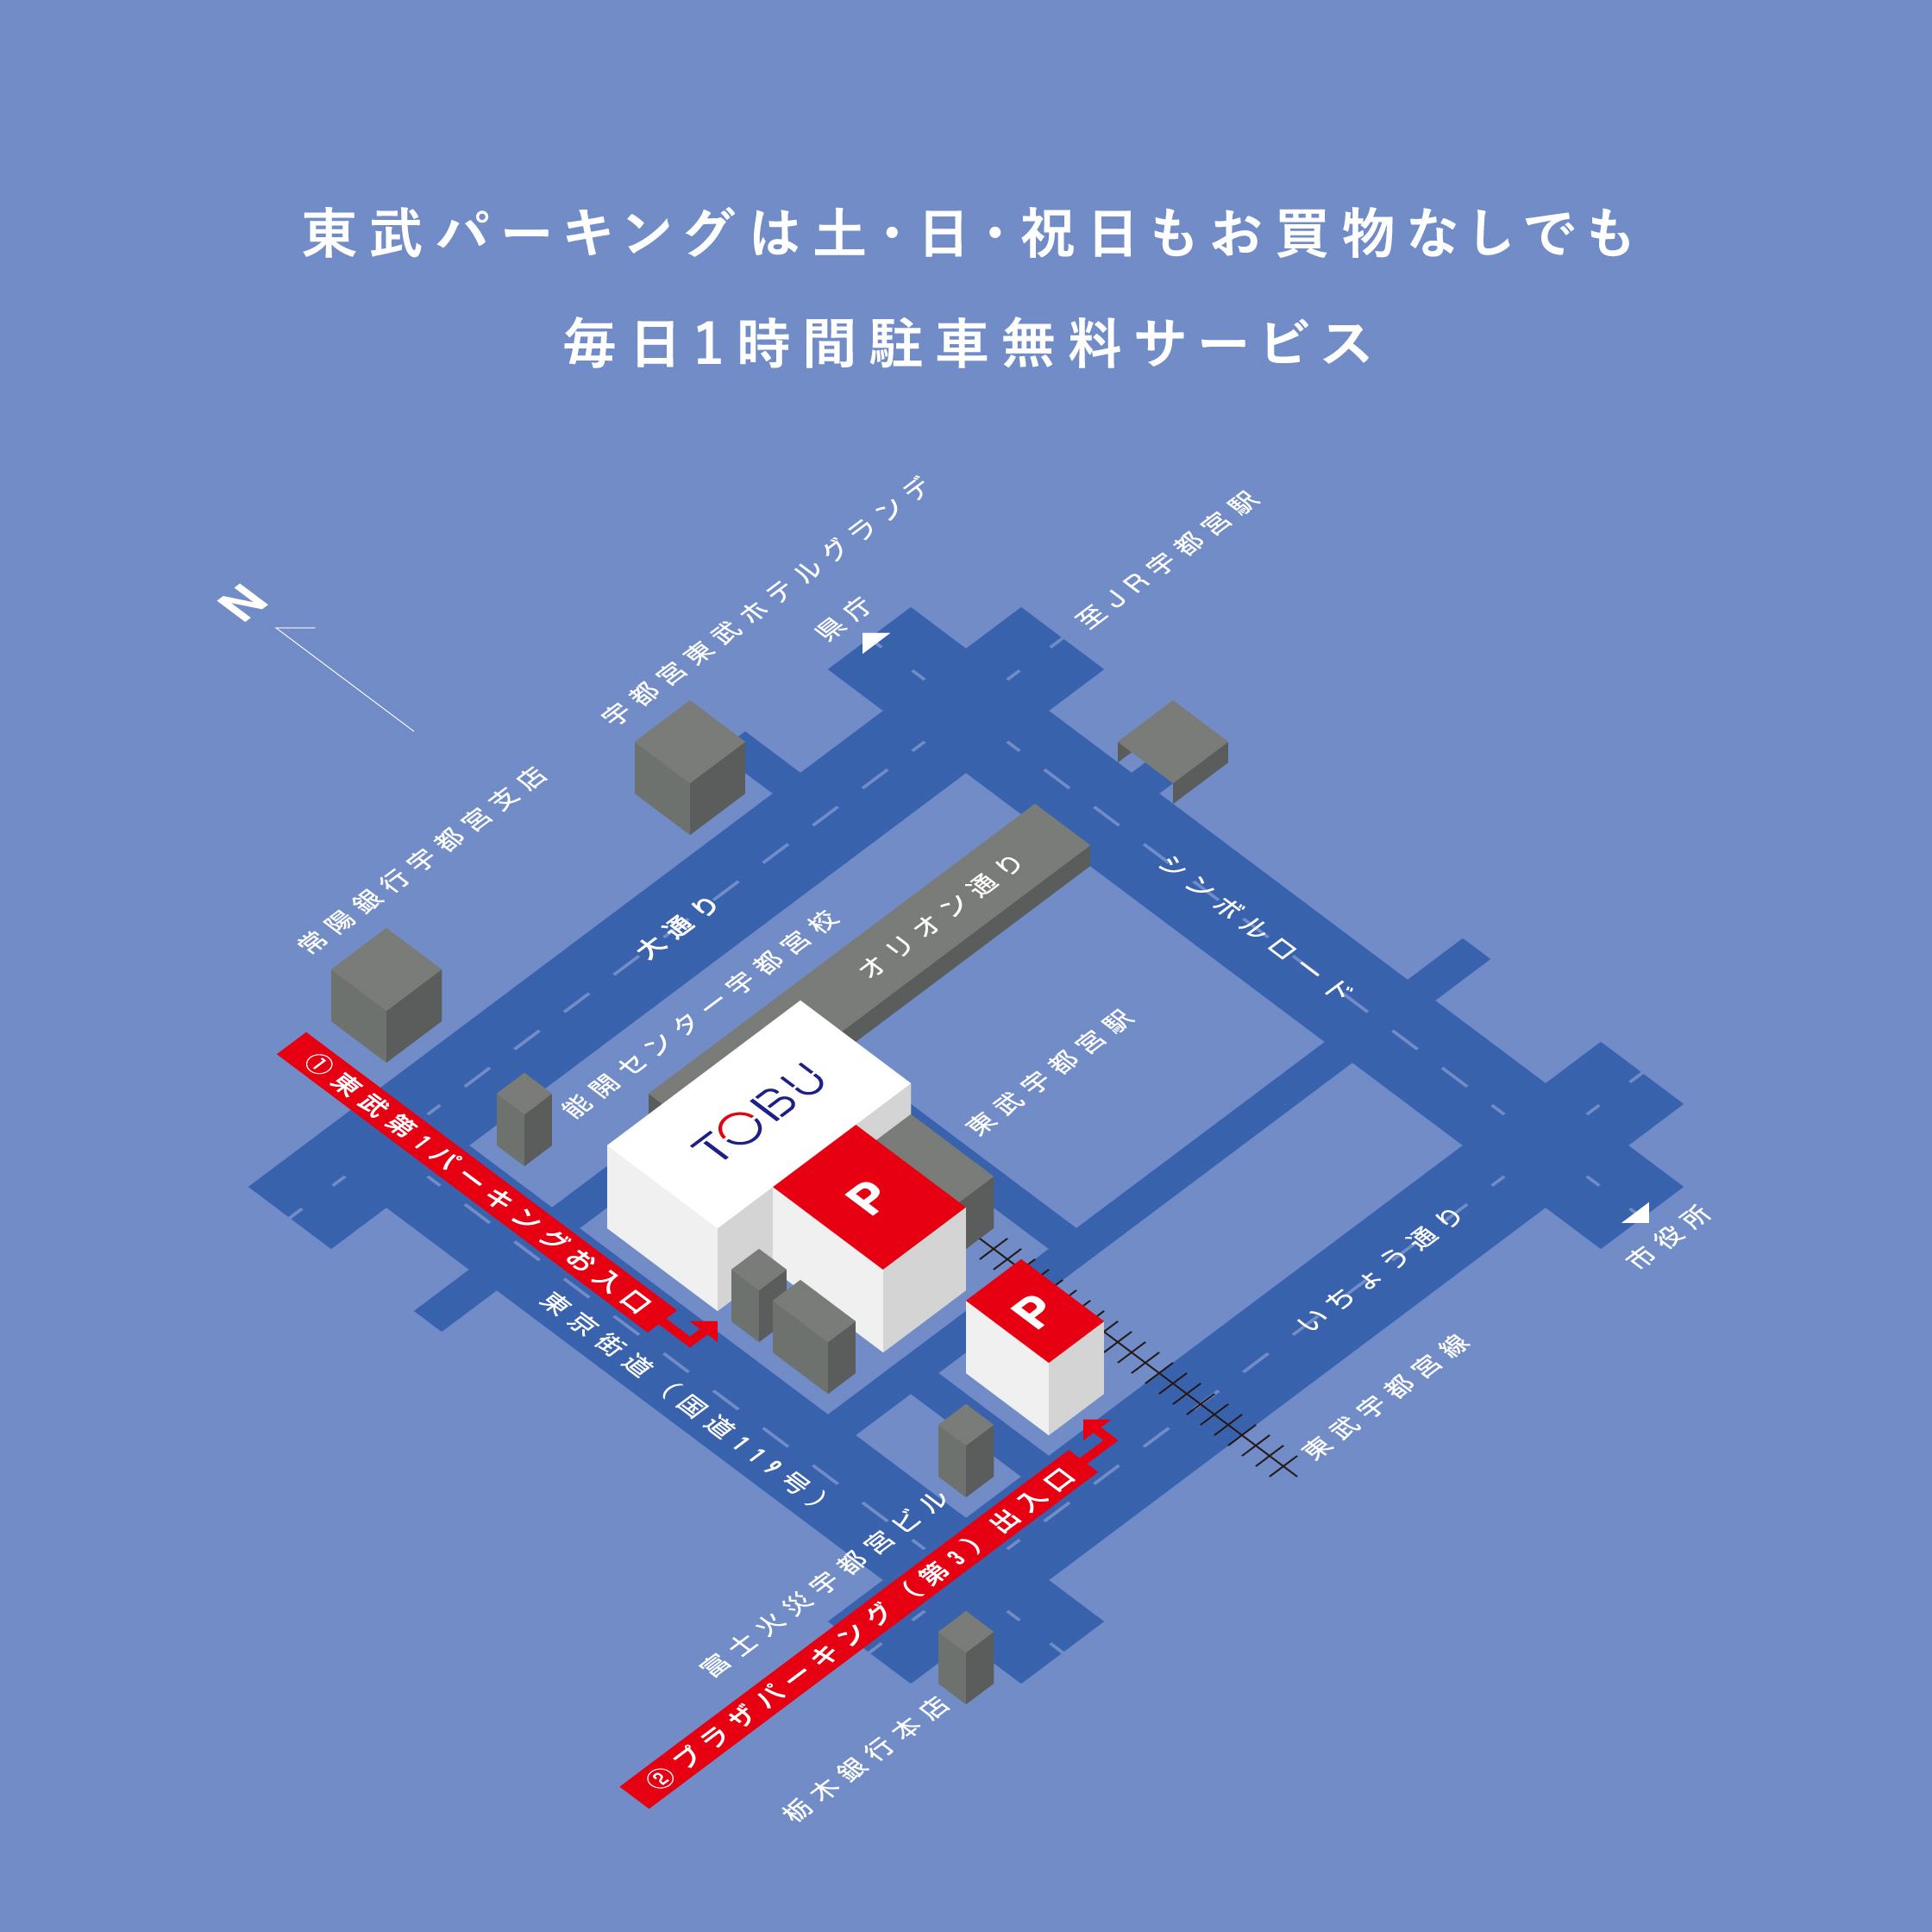 東武パーキングは土・日・祝日もお買物なしでも毎日1時間駐車無料サービス